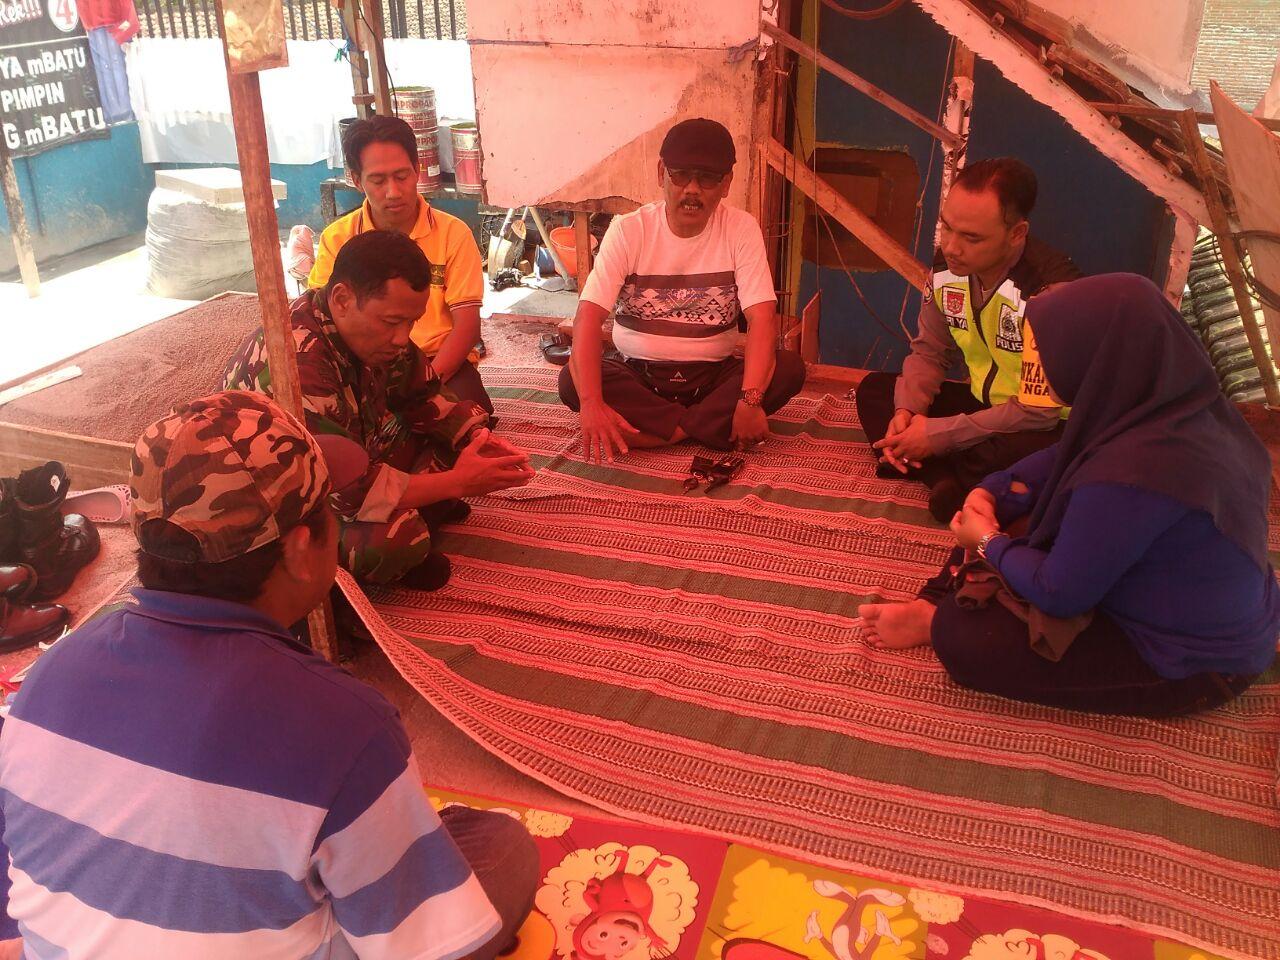 Untuk Menjaga Kamtibmas, Anggota Bhabin Polsek Batu Polres Batu Giatkan Program Kunjungan 1000 Tokoh K.W.B (Kunjungan Wajib Bhabinkamtibmas)